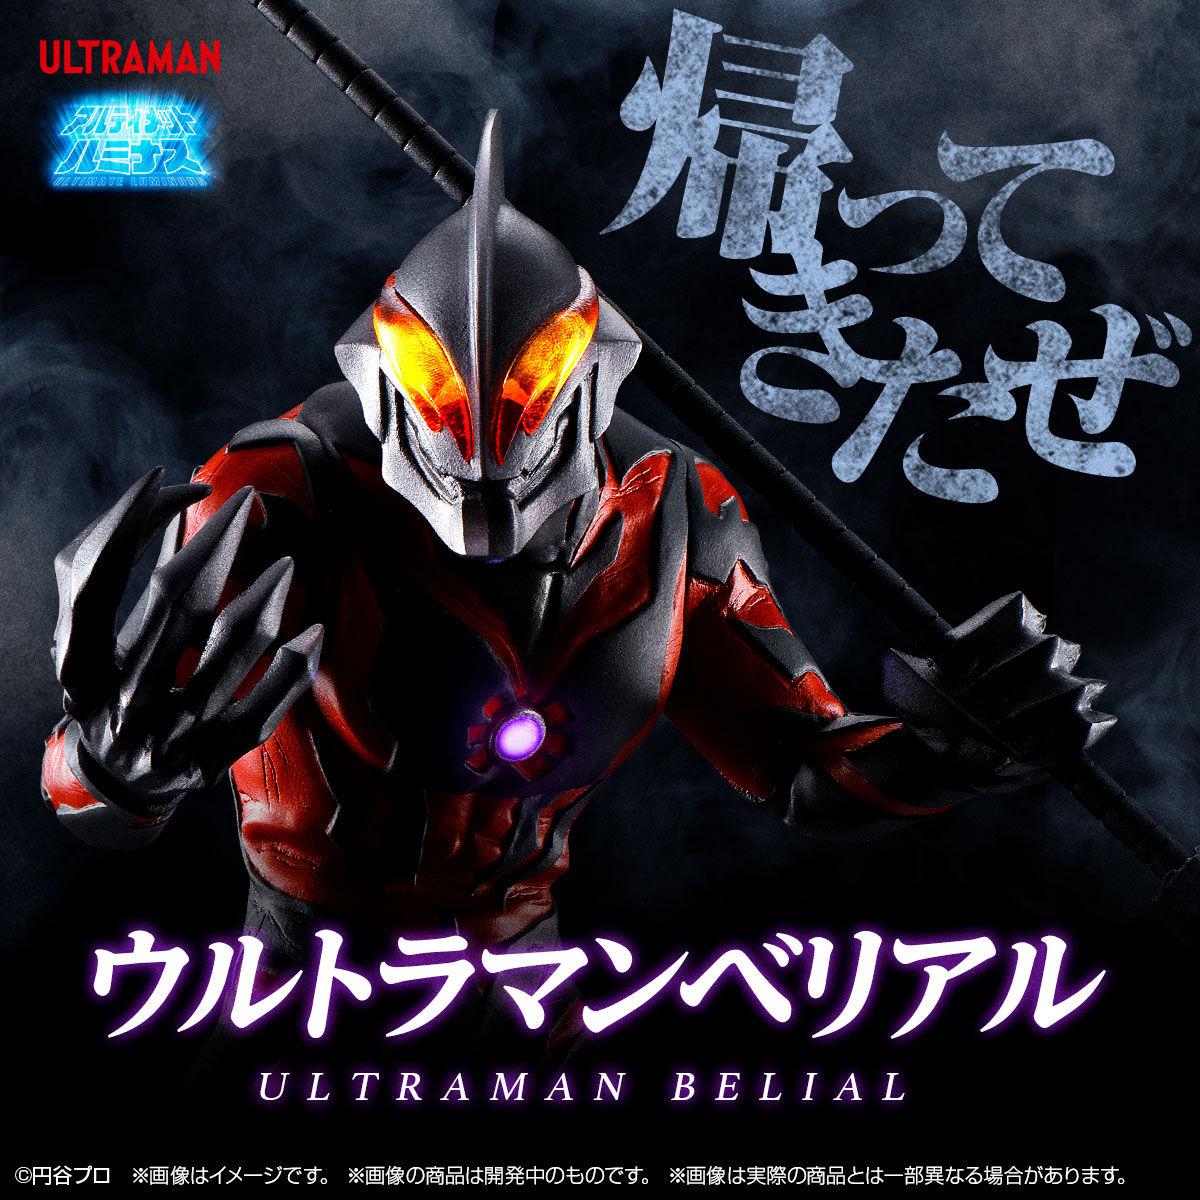 【限定販売】アルティメットルミナス『ウルトラマンベリアル』完成品フィギュア-001